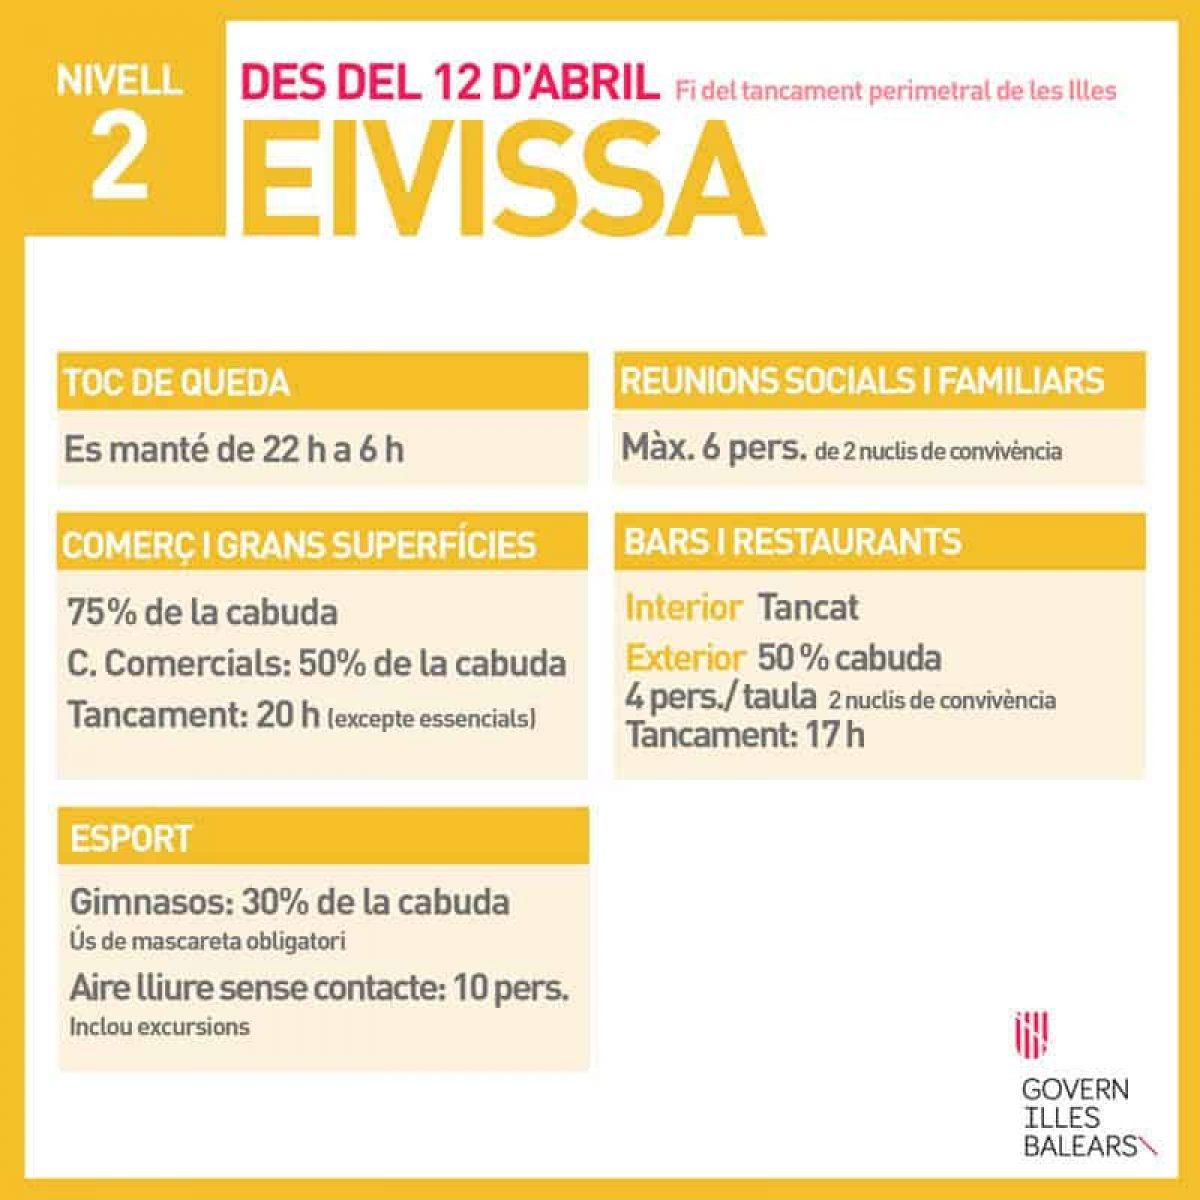 De-escalatie-Ibiza-coronavirus